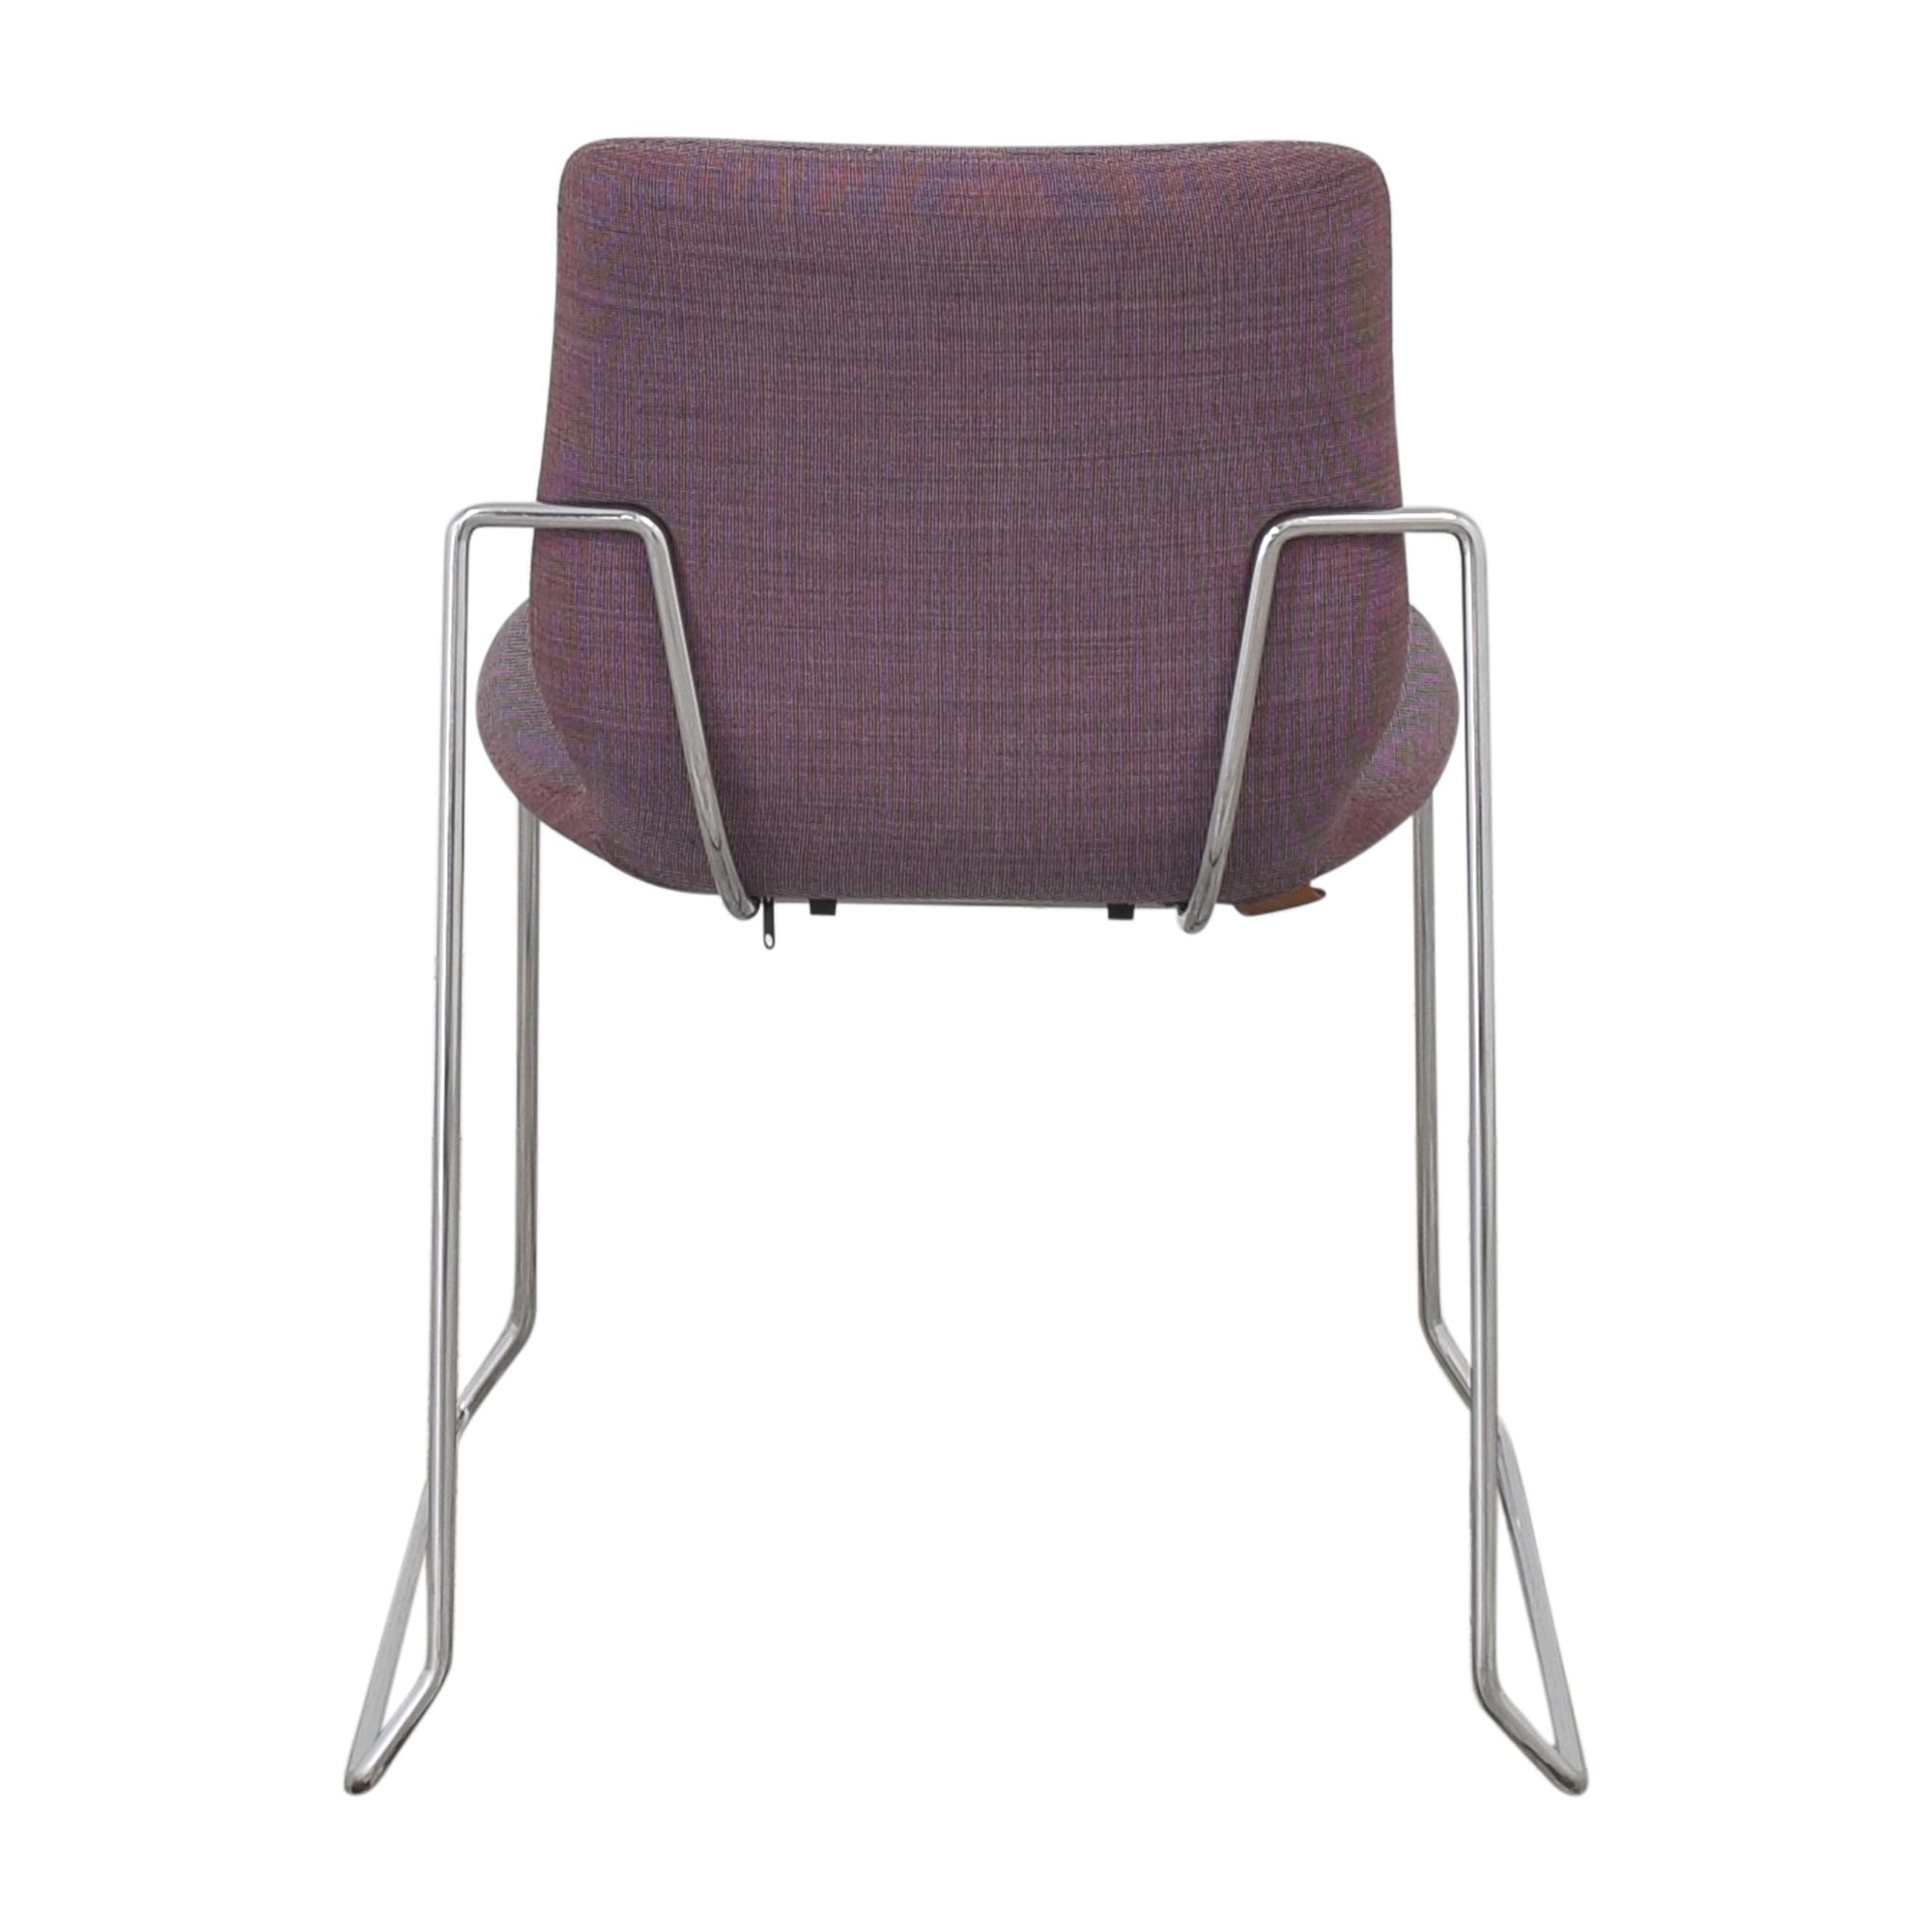 Koleksiyon Koleksiyon Asanda Armless Chair nyc